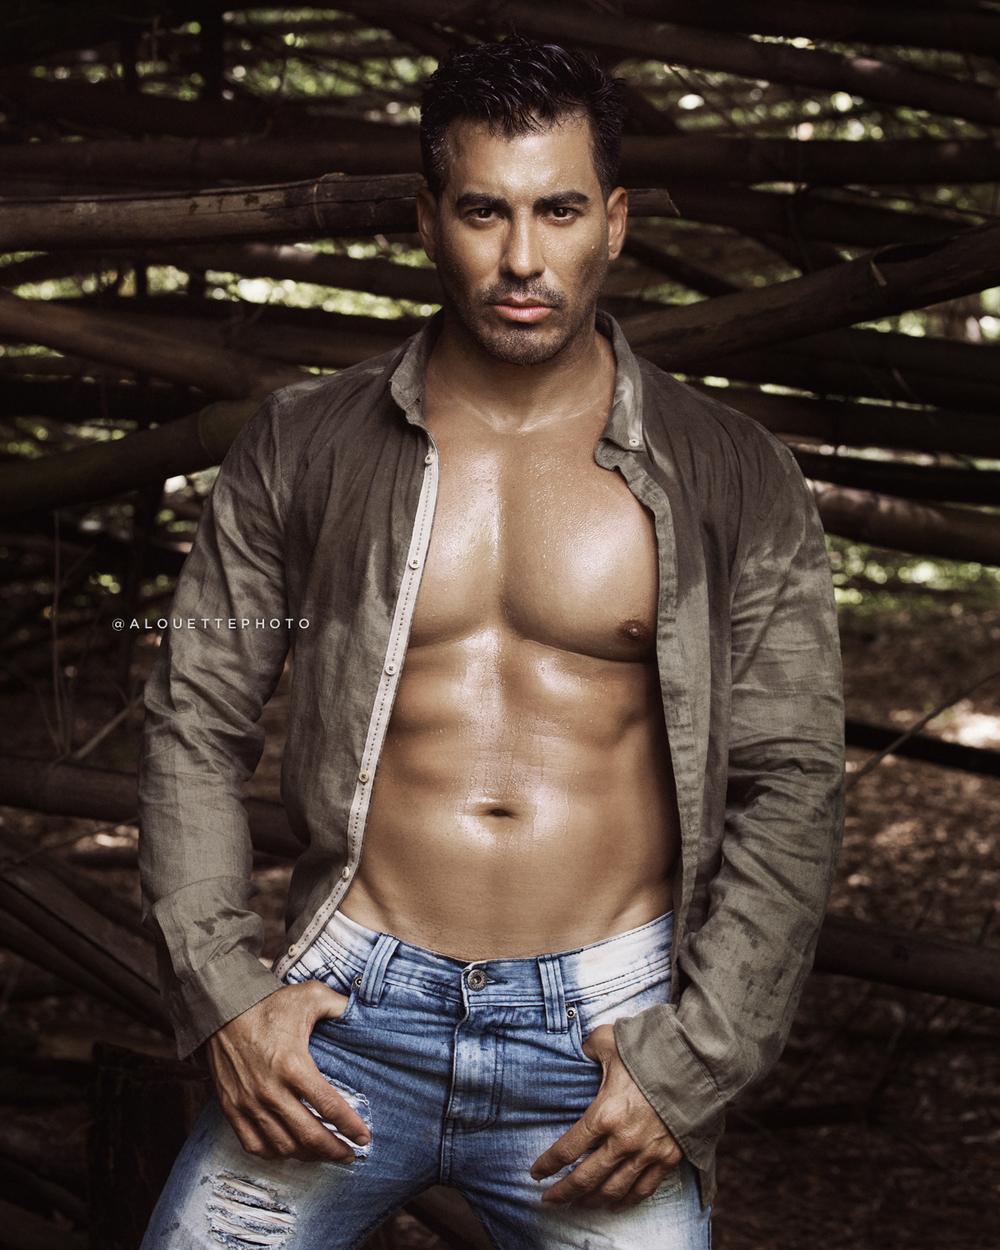 TINNO DELGADO  (@tinnodelgado) Modelo / Actor